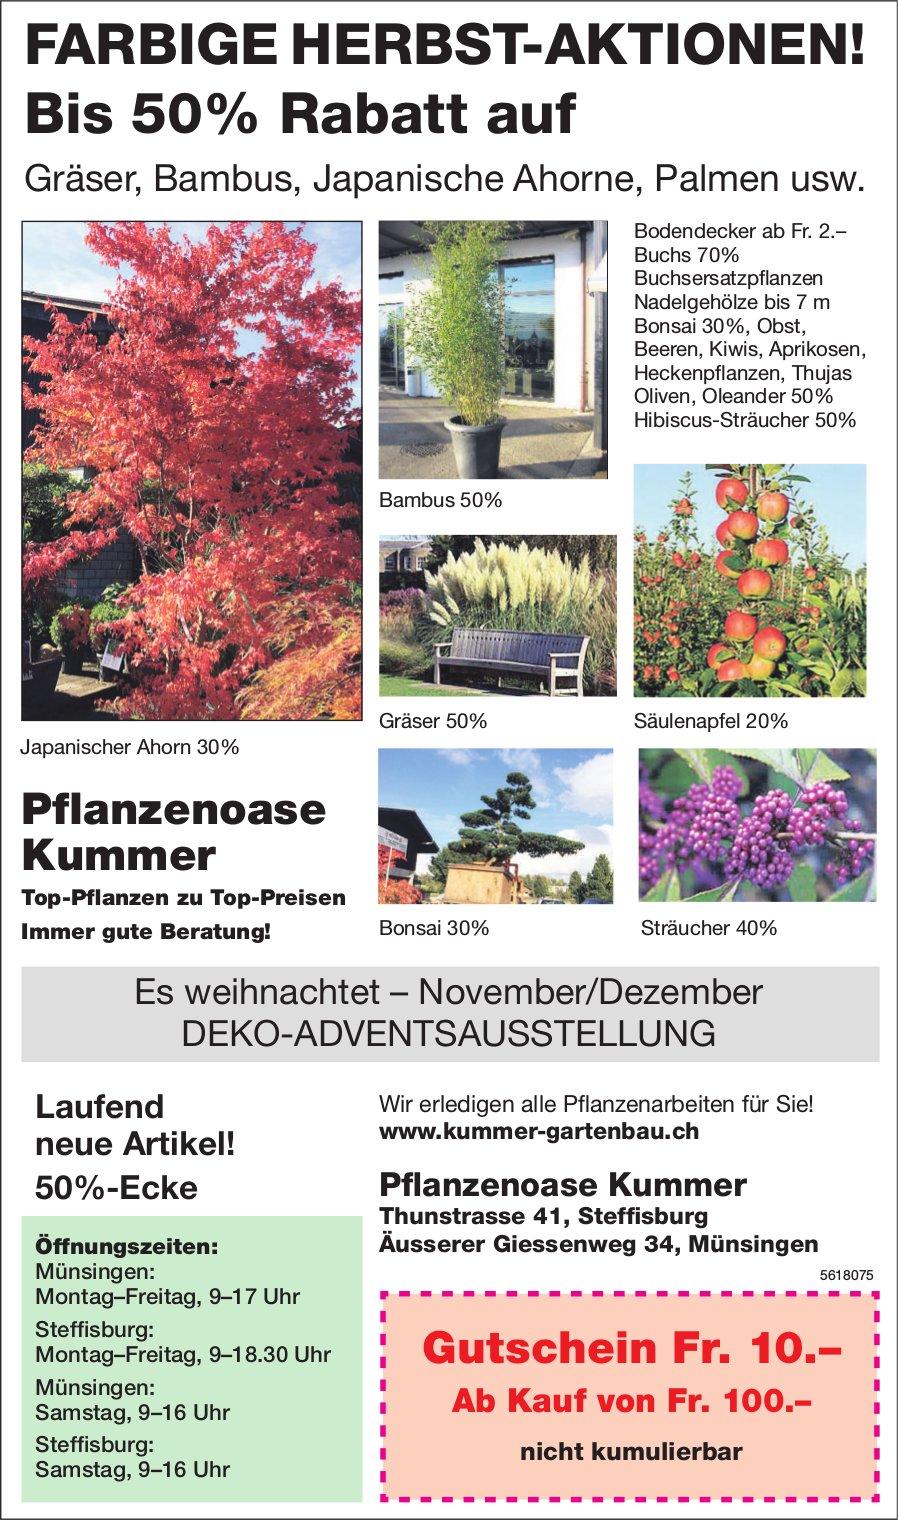 DEKO-ADVENTSAUSSTELLUNG, FARBIGE HERBST-AKTIONEN!, Pflanzenoase Kummer, Steffisburg und Münsingen